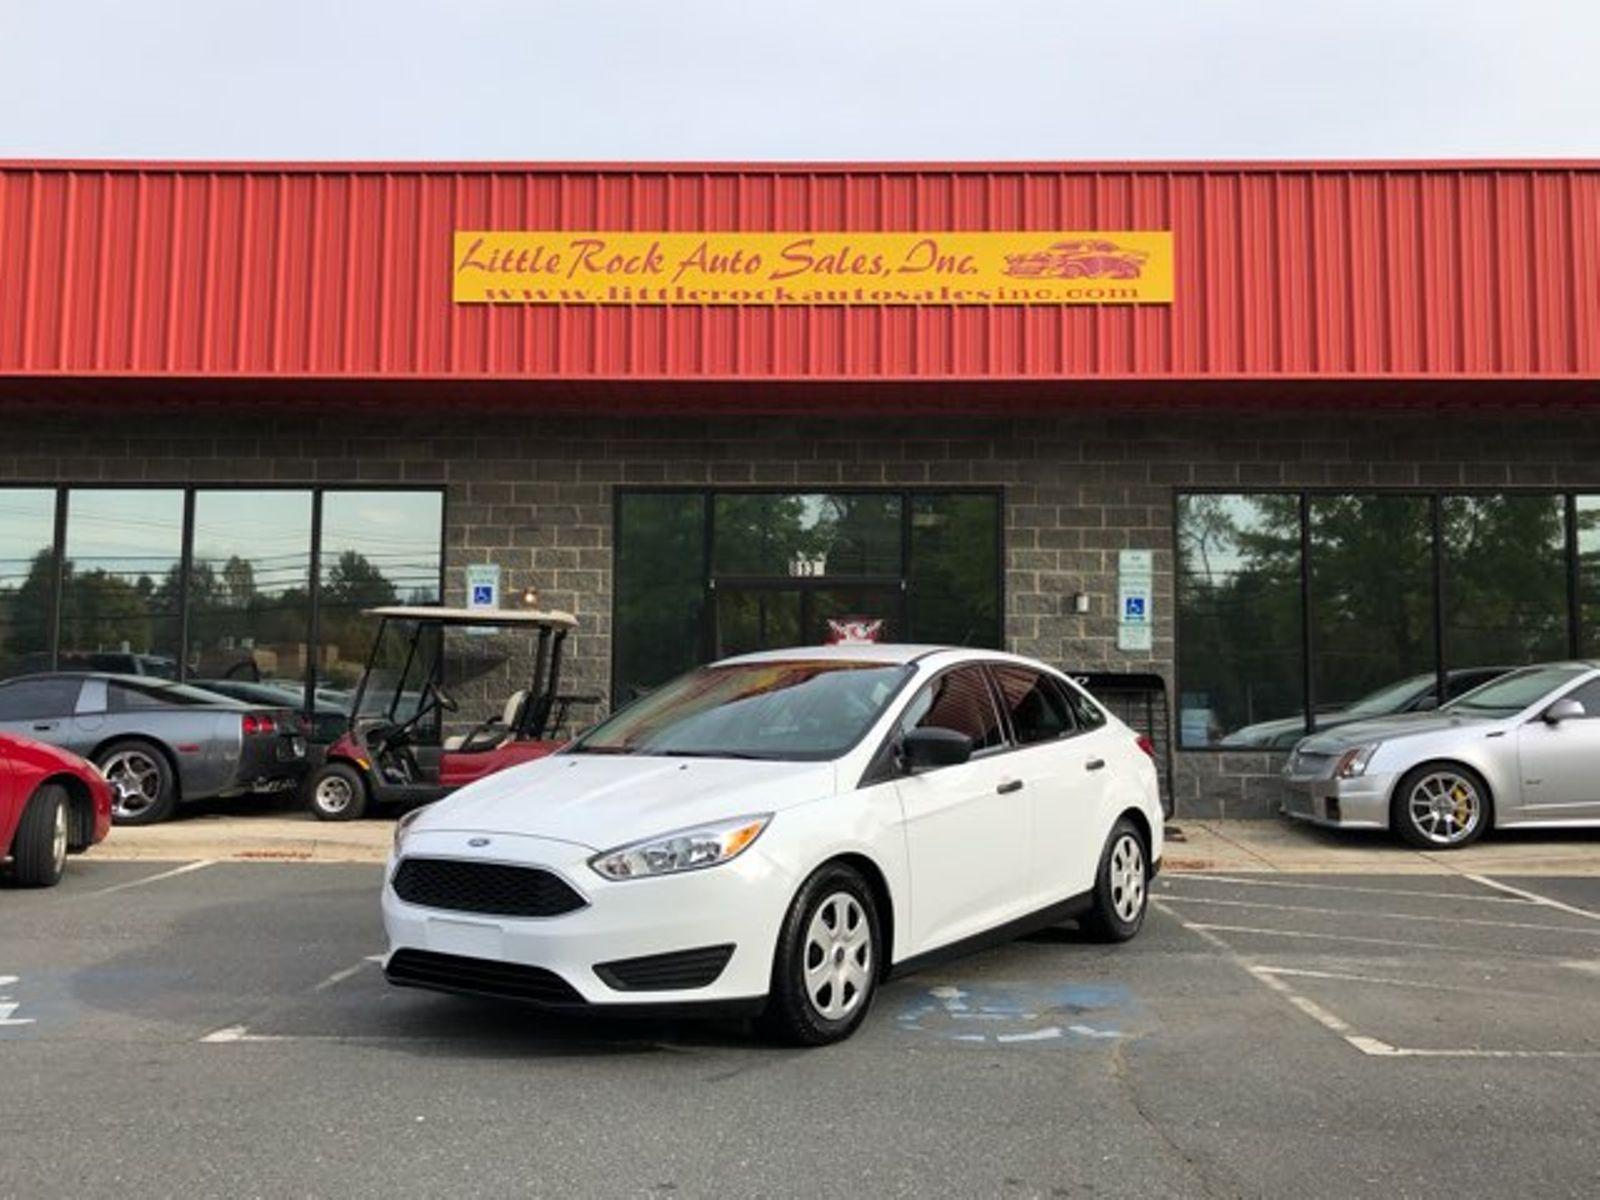 2016 Ford Focus S City Nc Little Rock Auto Sales Inc